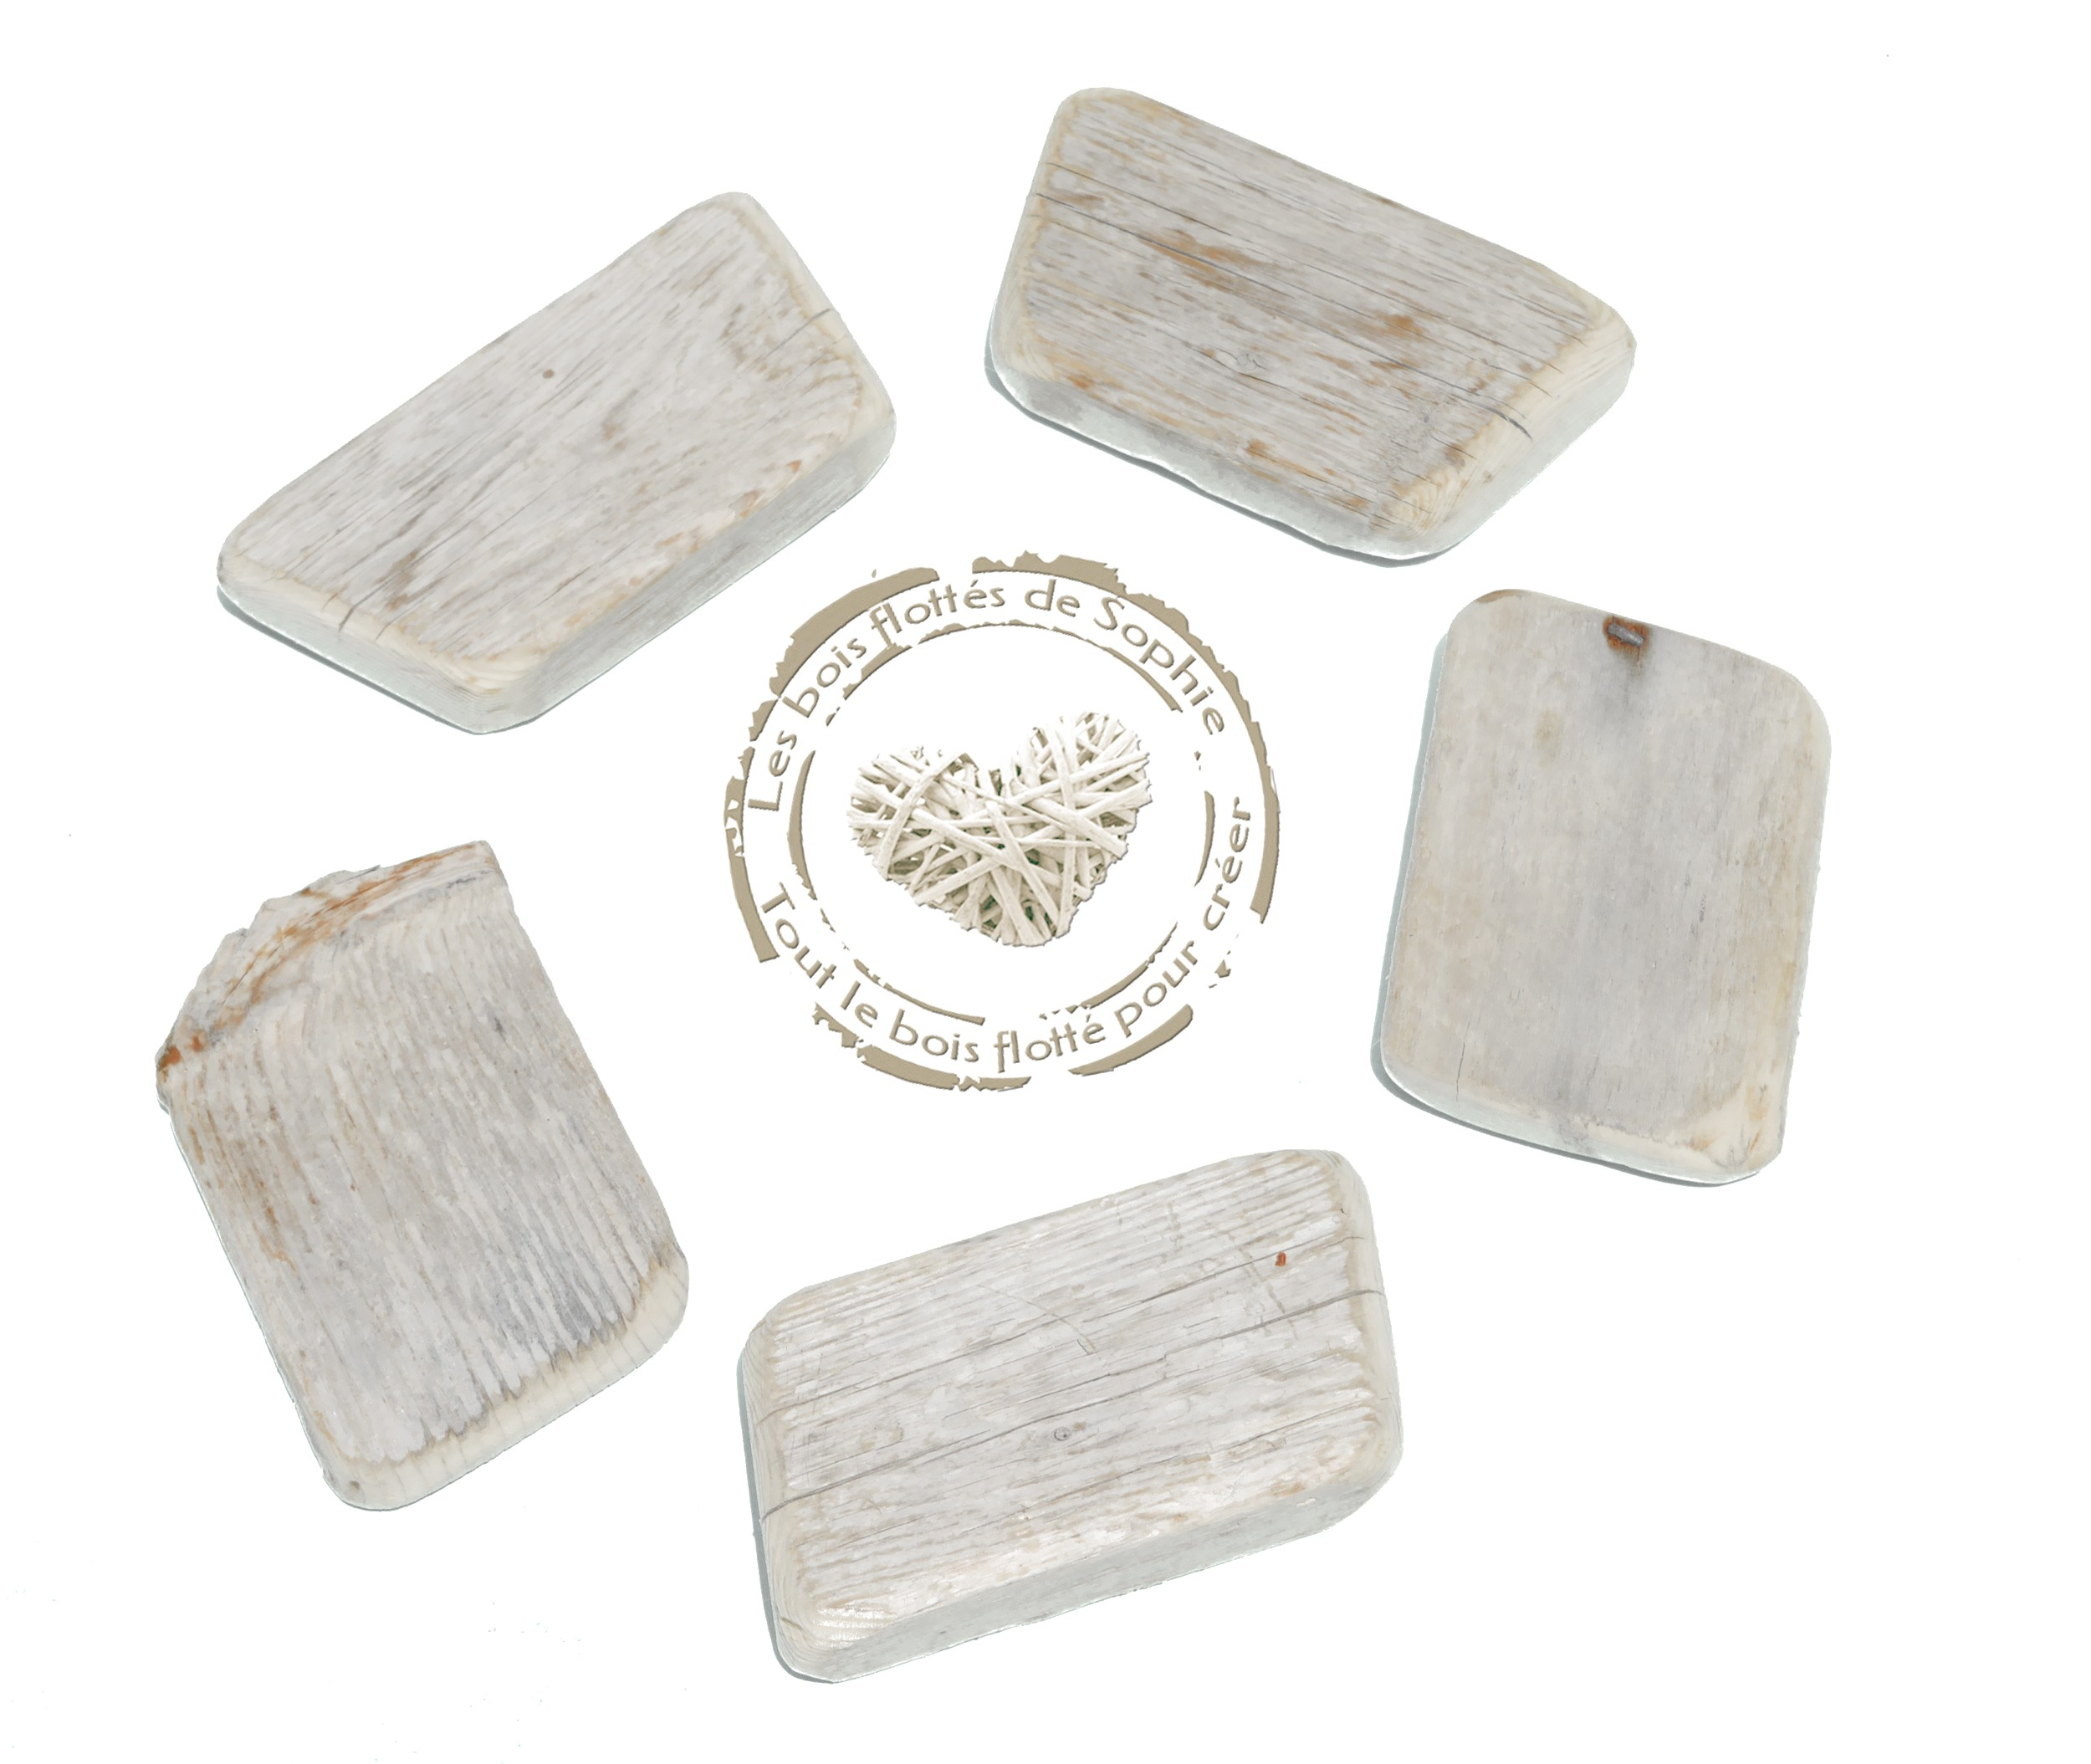 Marvelous planche de bois flotte 6 porte manteau en bois for Fabriquer porte manteau bois flotte